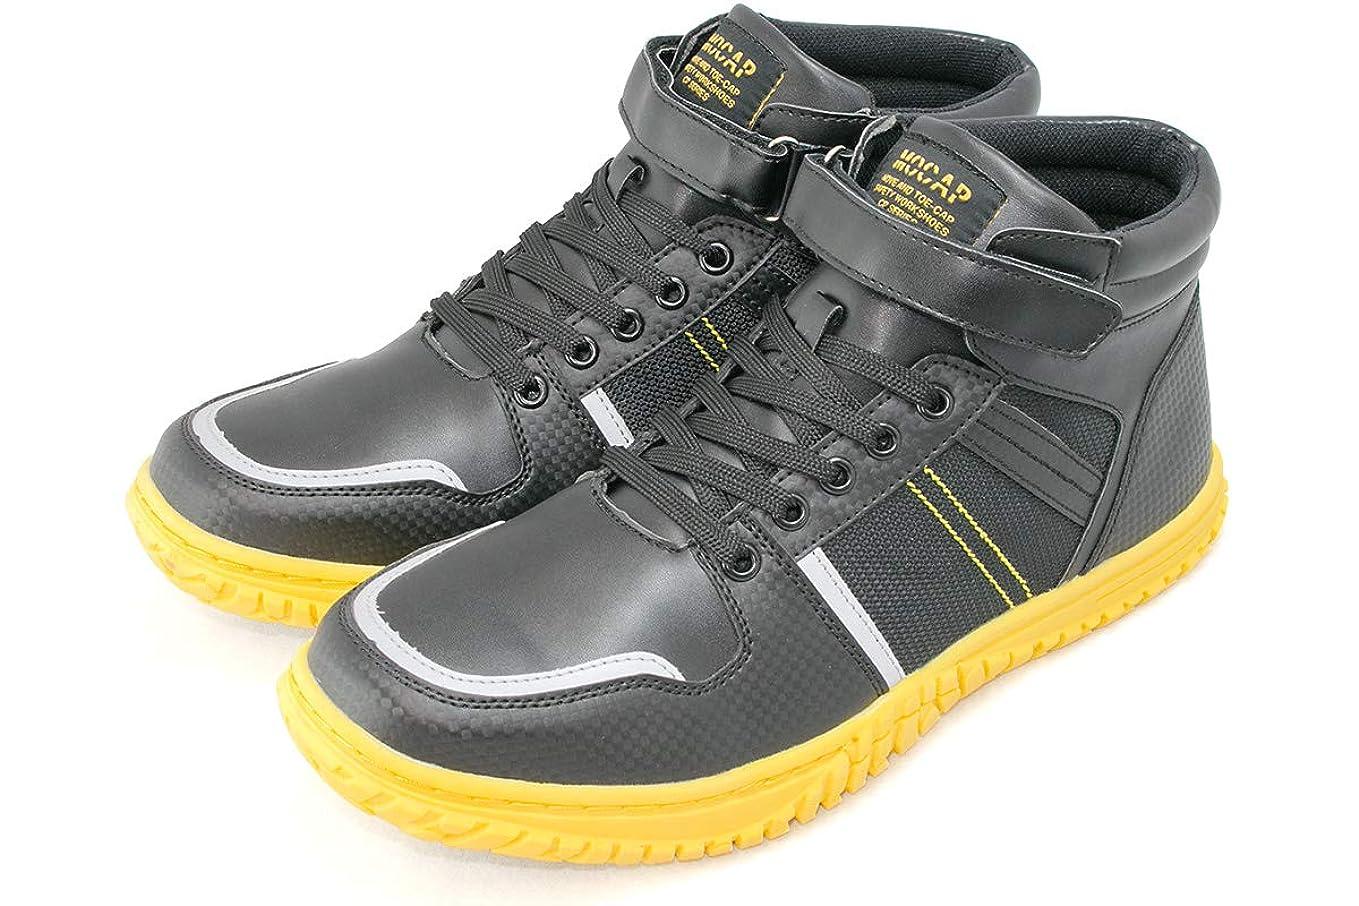 物理学者カッター酸度安全靴 スニーカー セーフティーシューズ メンズ 鉄芯 ベルクロ ハイカット CPM357 反射材